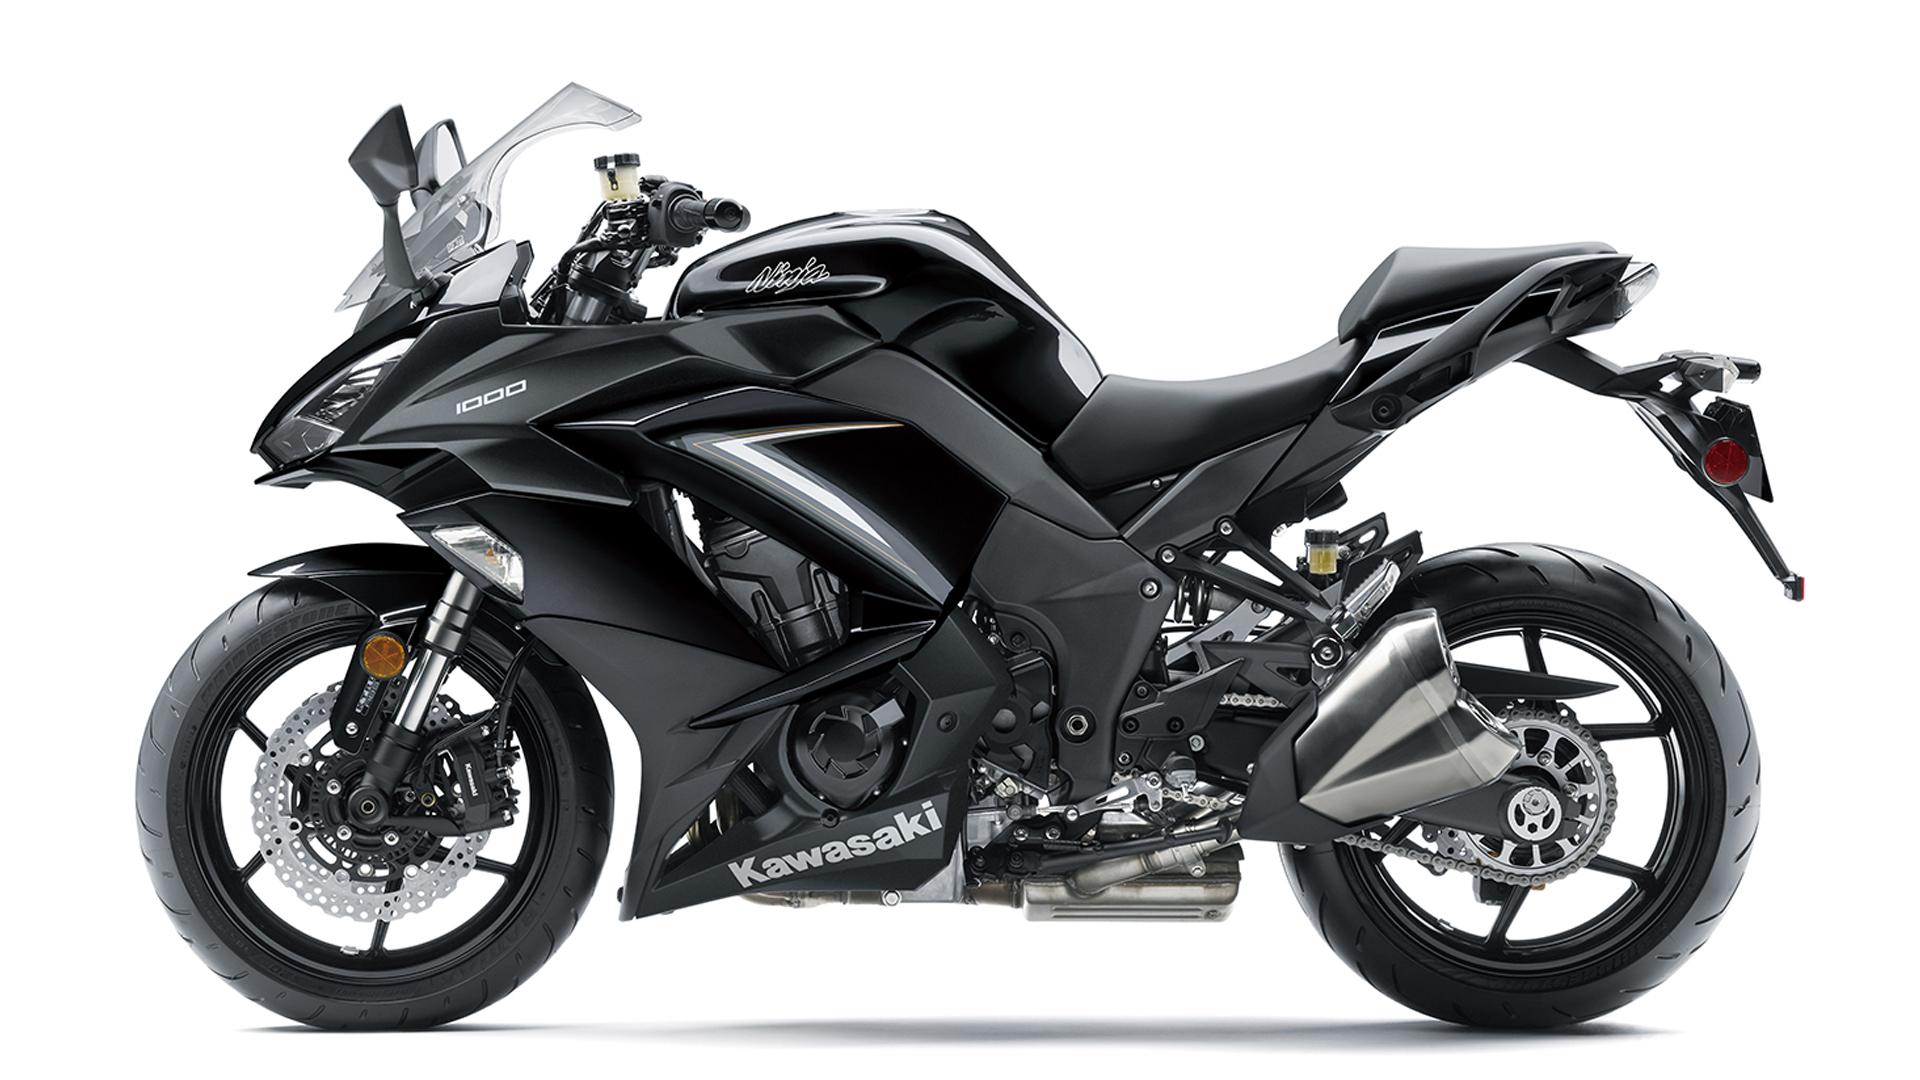 Kawasaki Ninja 1000 Loan